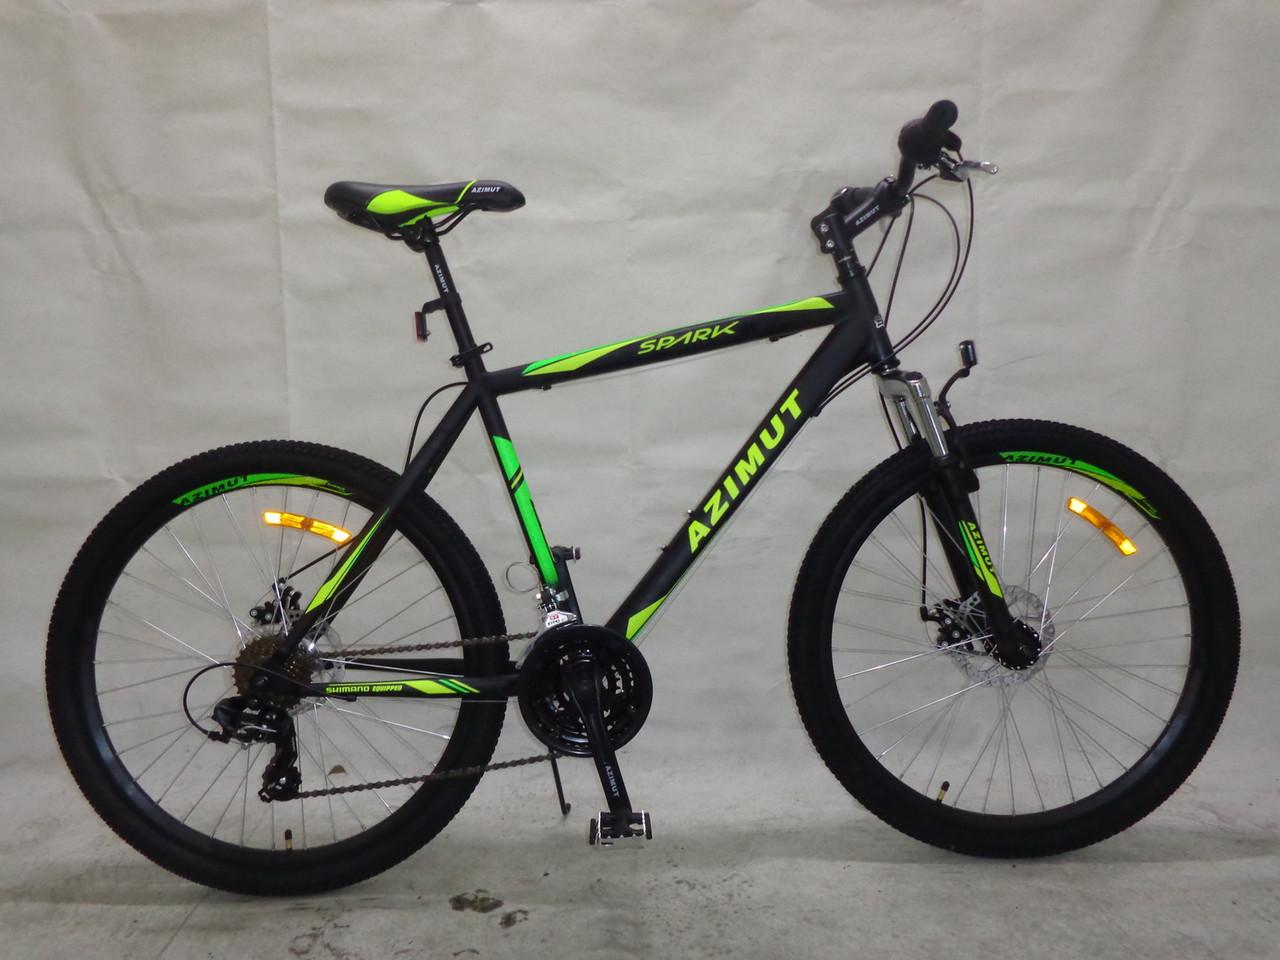 Горный спортивный велосипед 29 дюймов 21 рама Azimu Spark  (оборудован